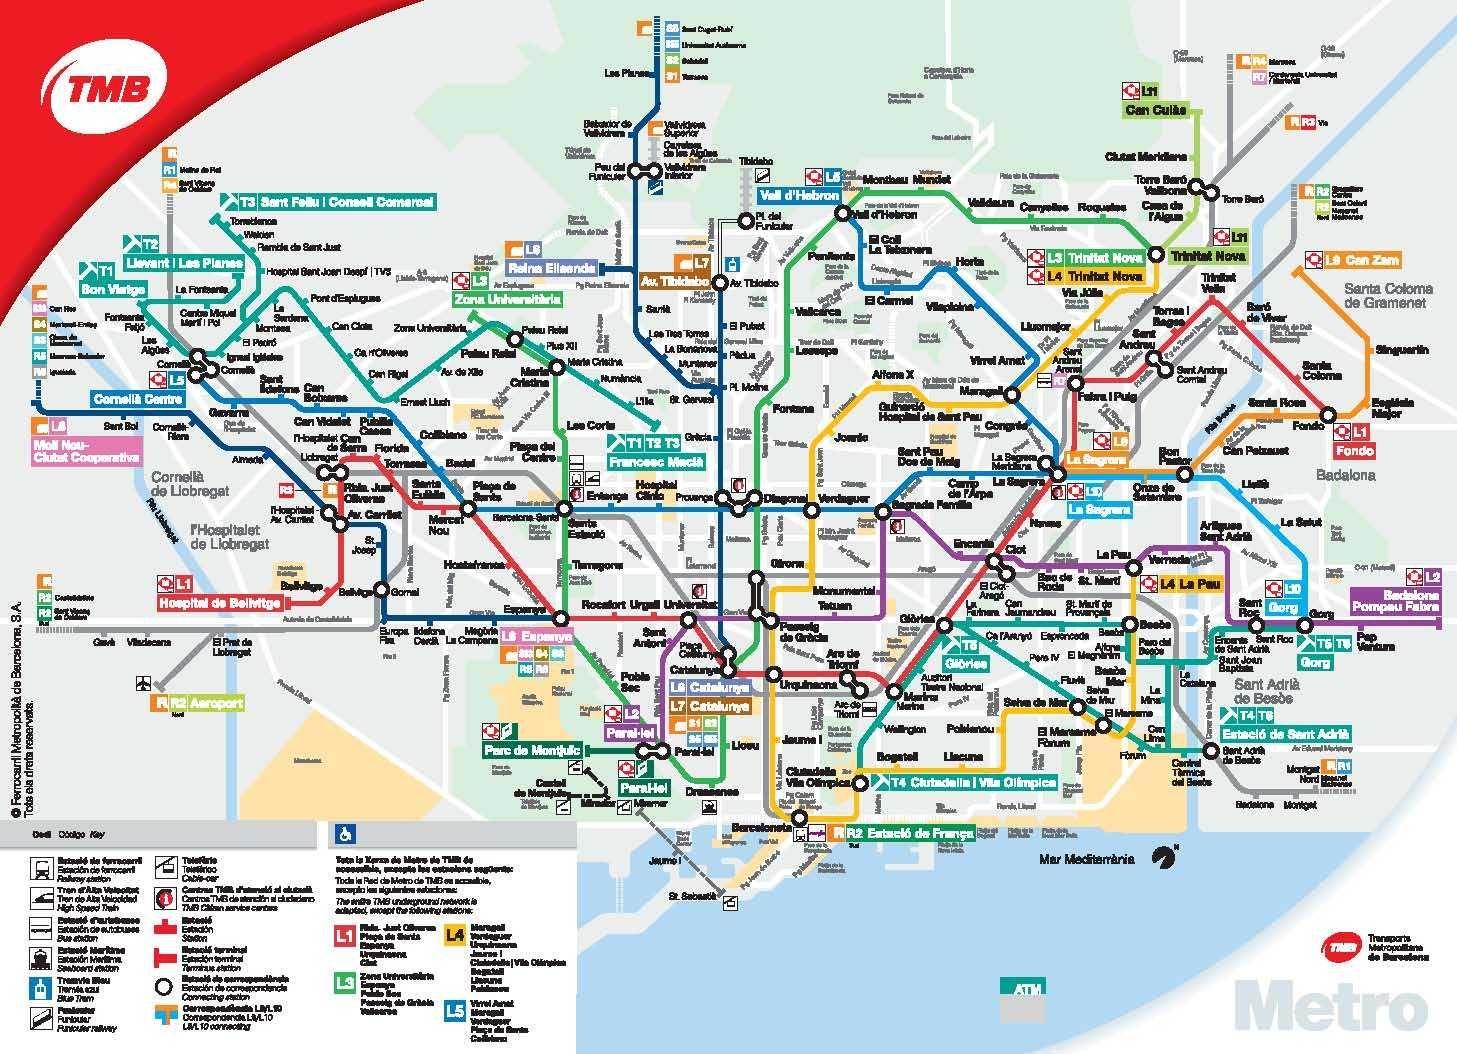 Mapa del metro de Barcelona La Comunidad Pinterest Barcelona trip